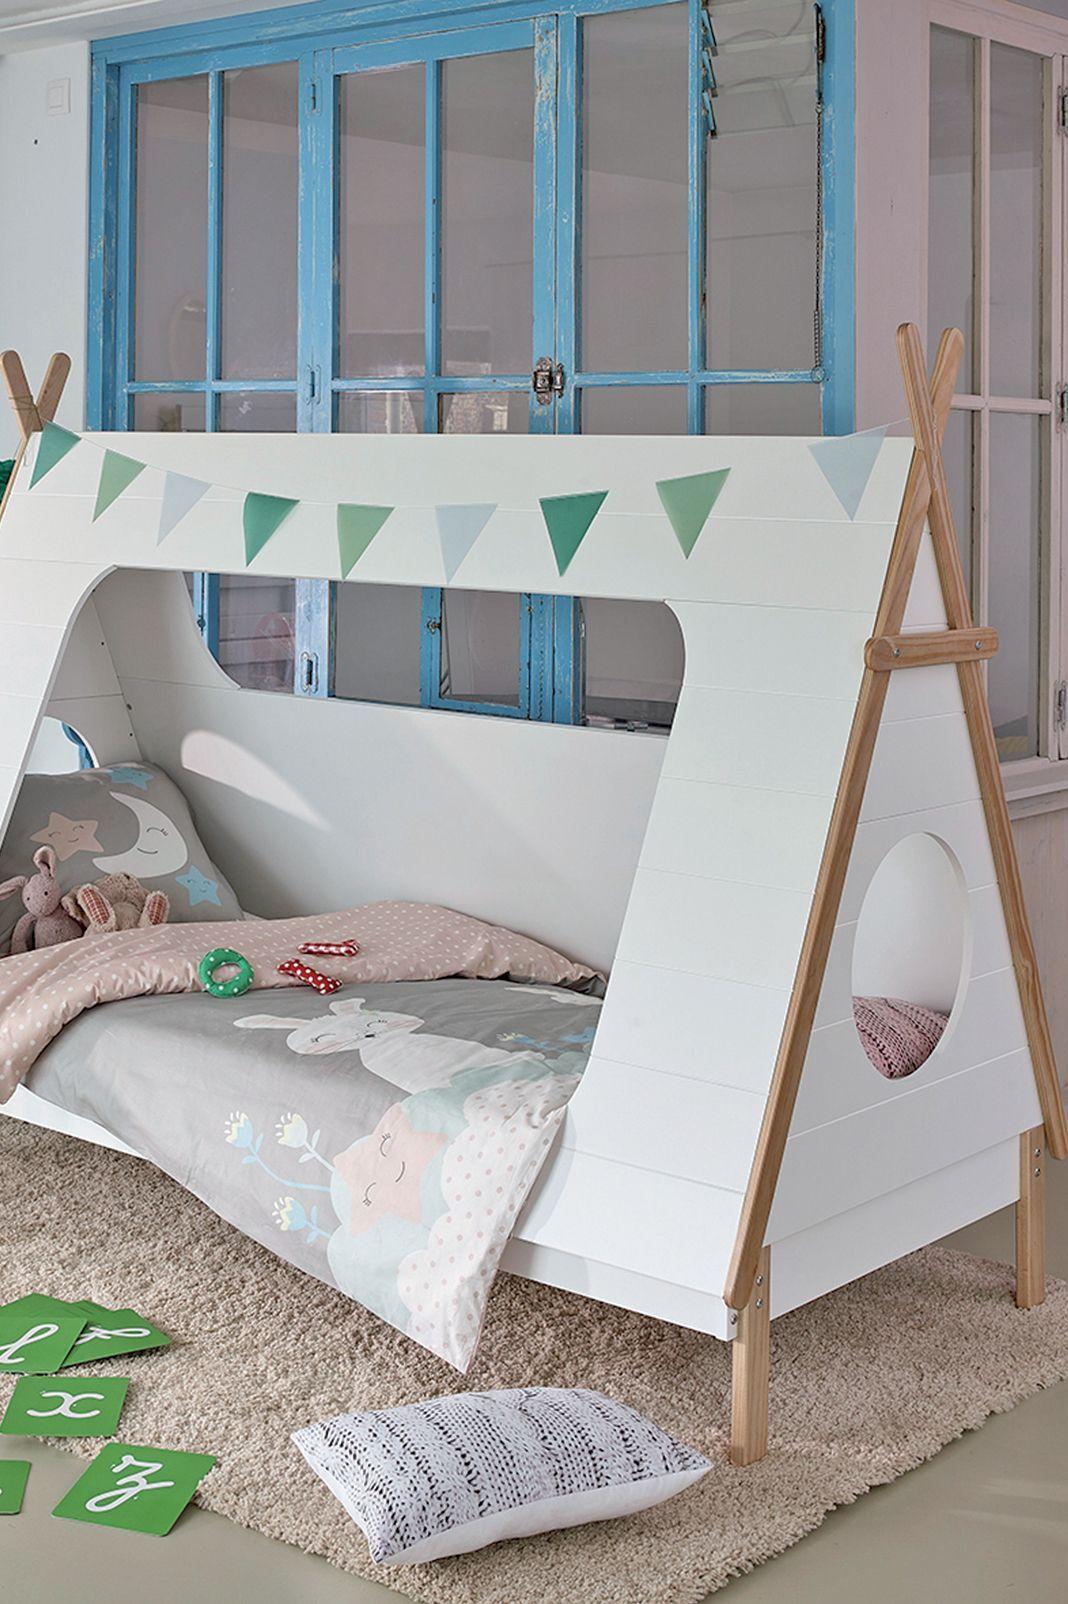 Lit Tipi Bed Alinea Slaapkamer Pinterest Tipi Lights And Kids Rooms